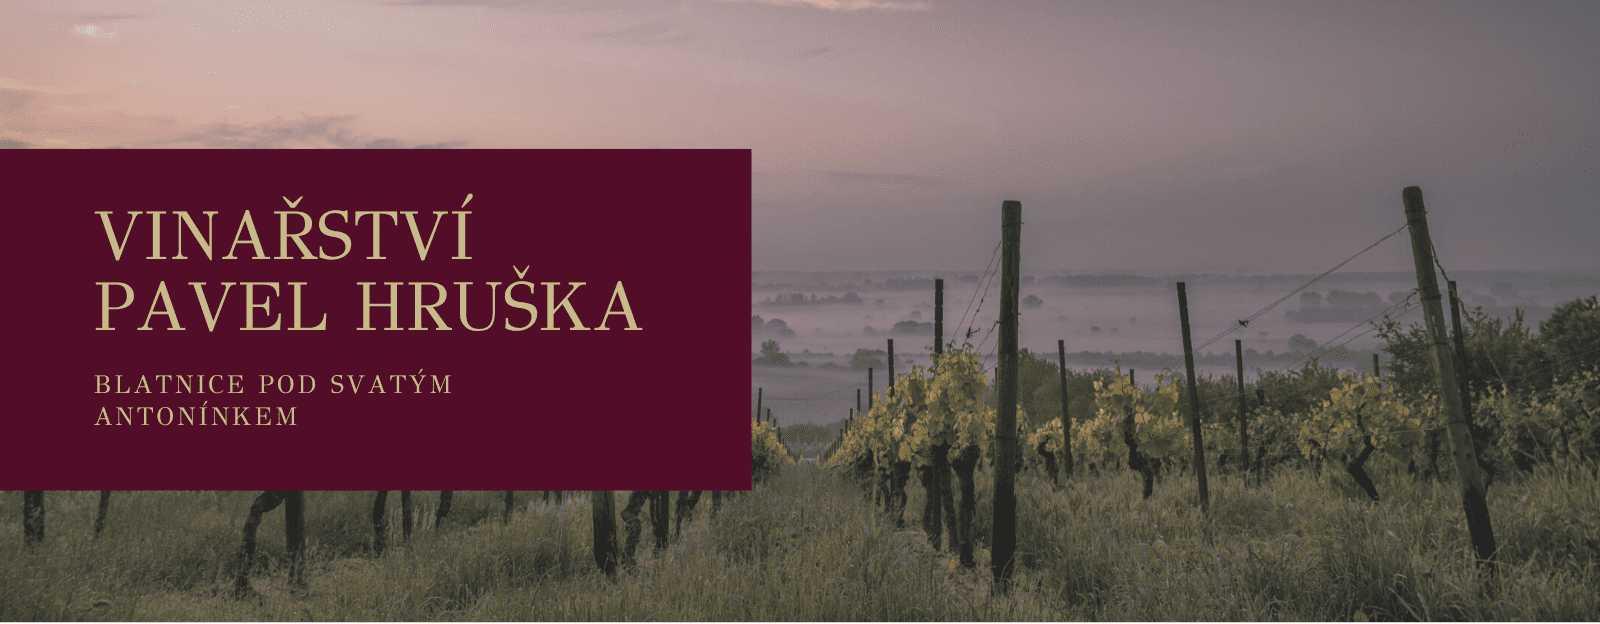 Vinařství Pavel Hruška, Blatnice pod Sv.Antonínkem